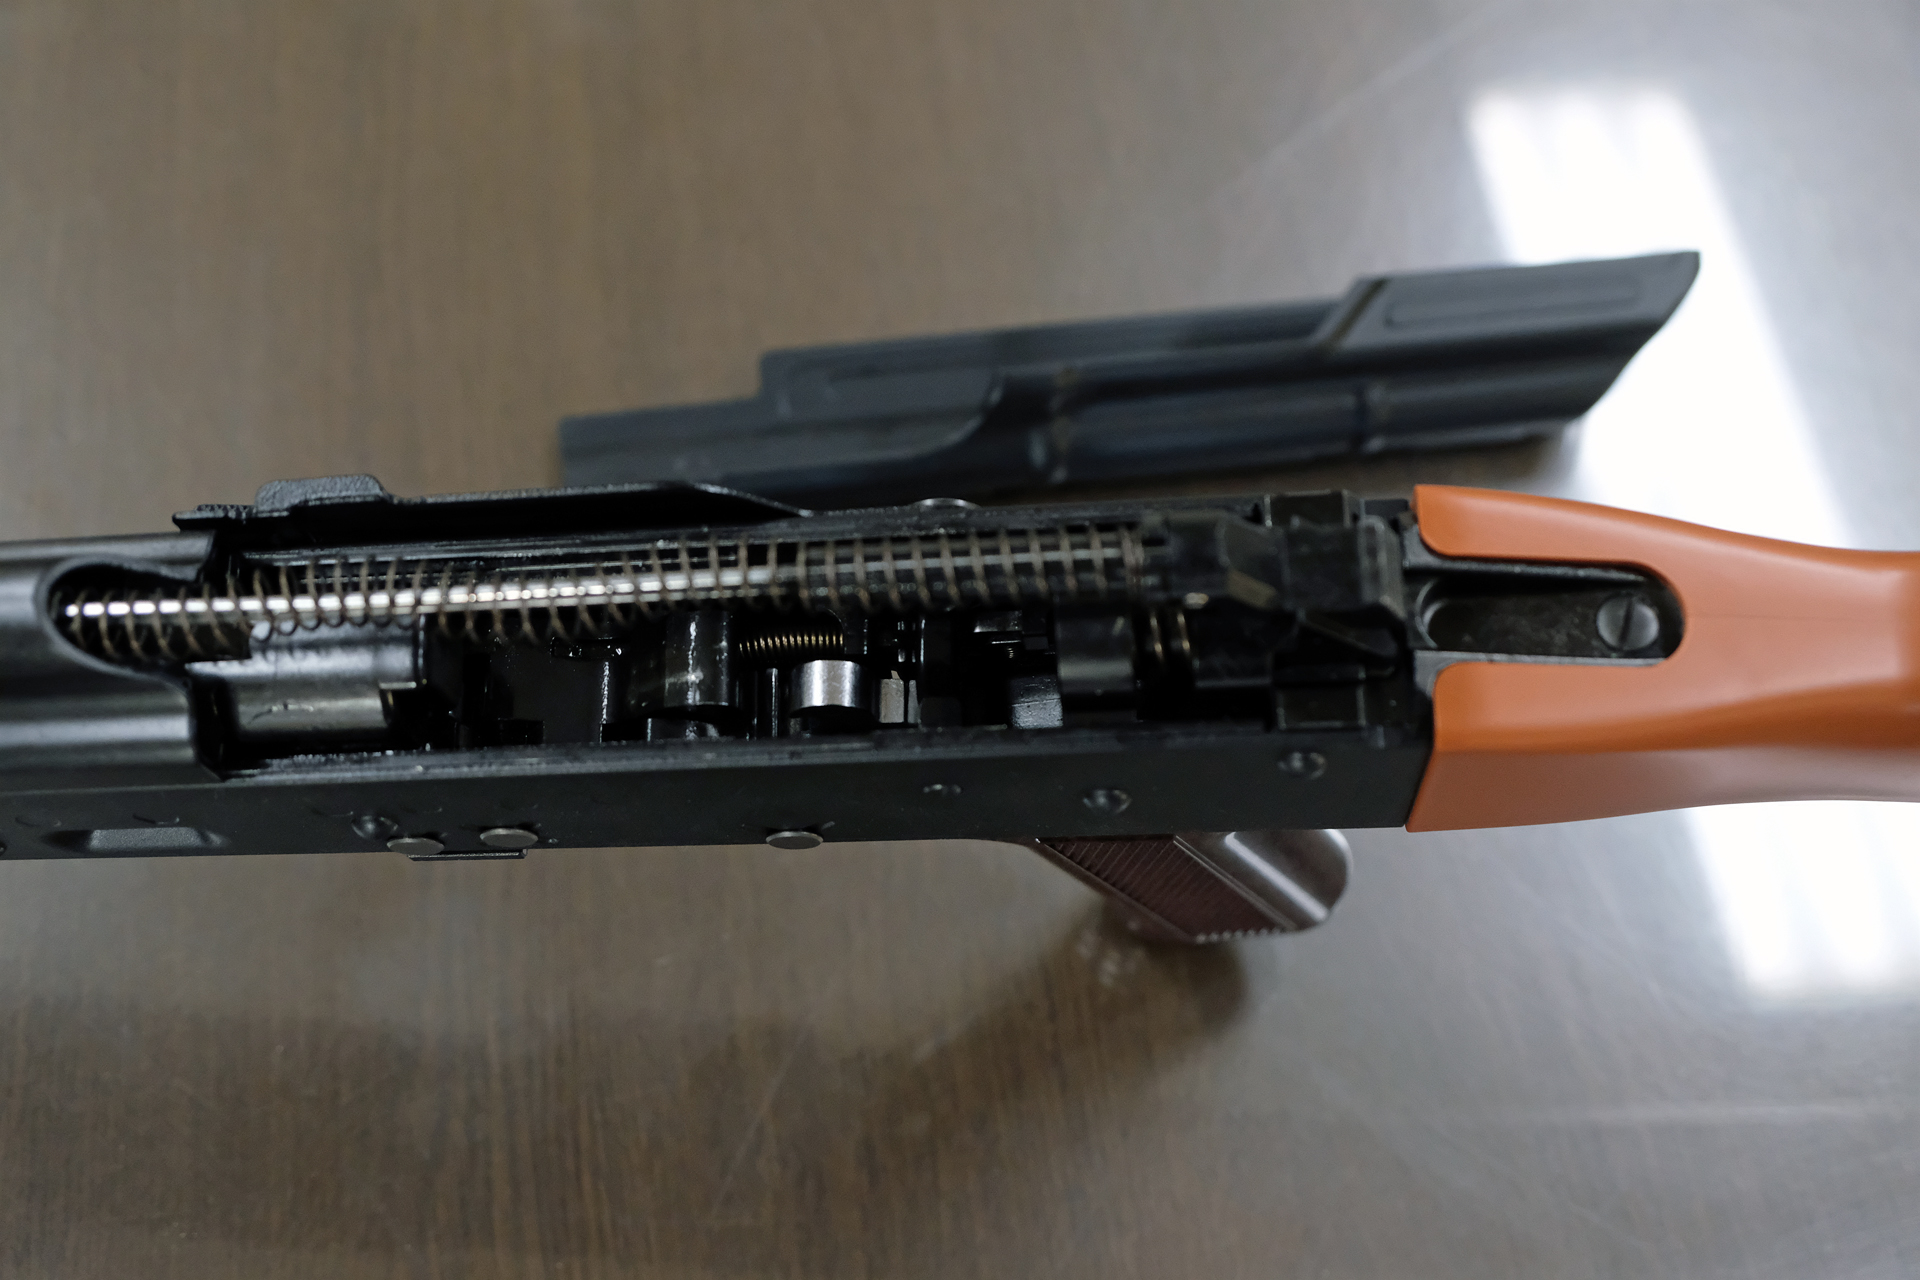 「ガスブローバックマシンガン AKM」の機関部。単純な構造を忠実に再現している。